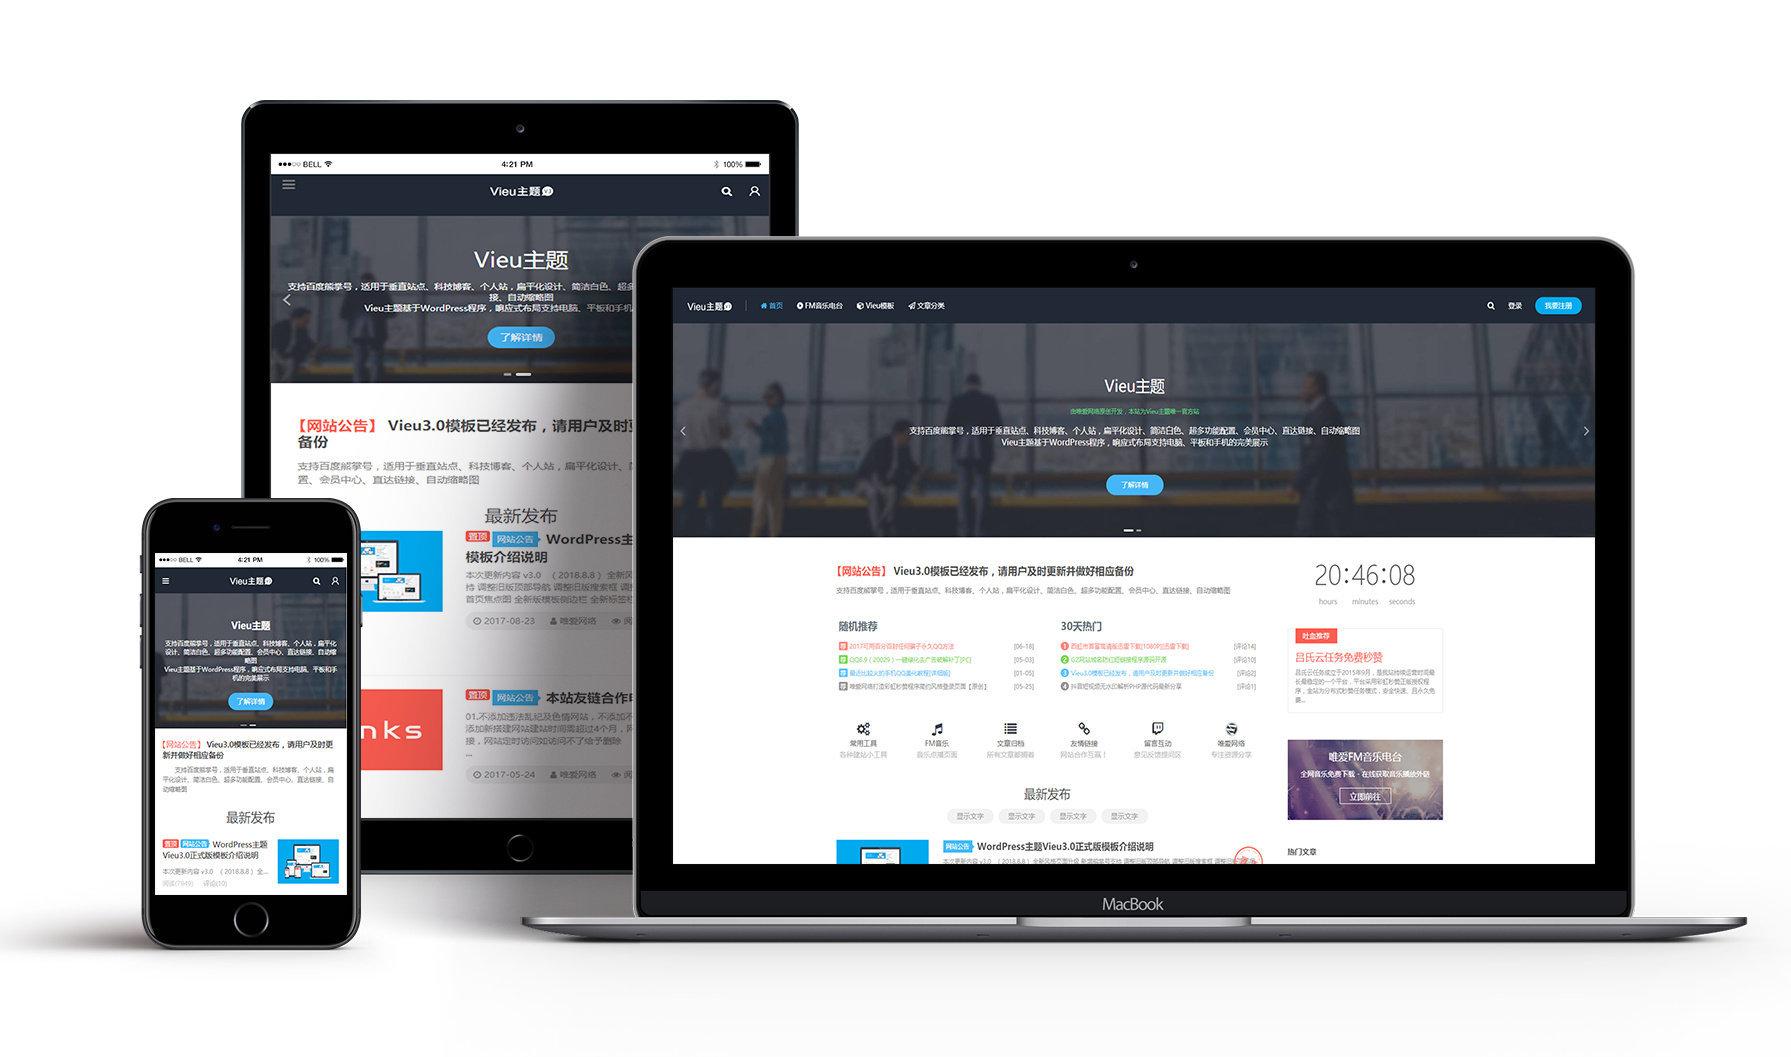 本站Vieu主题,介绍购买及使用说明